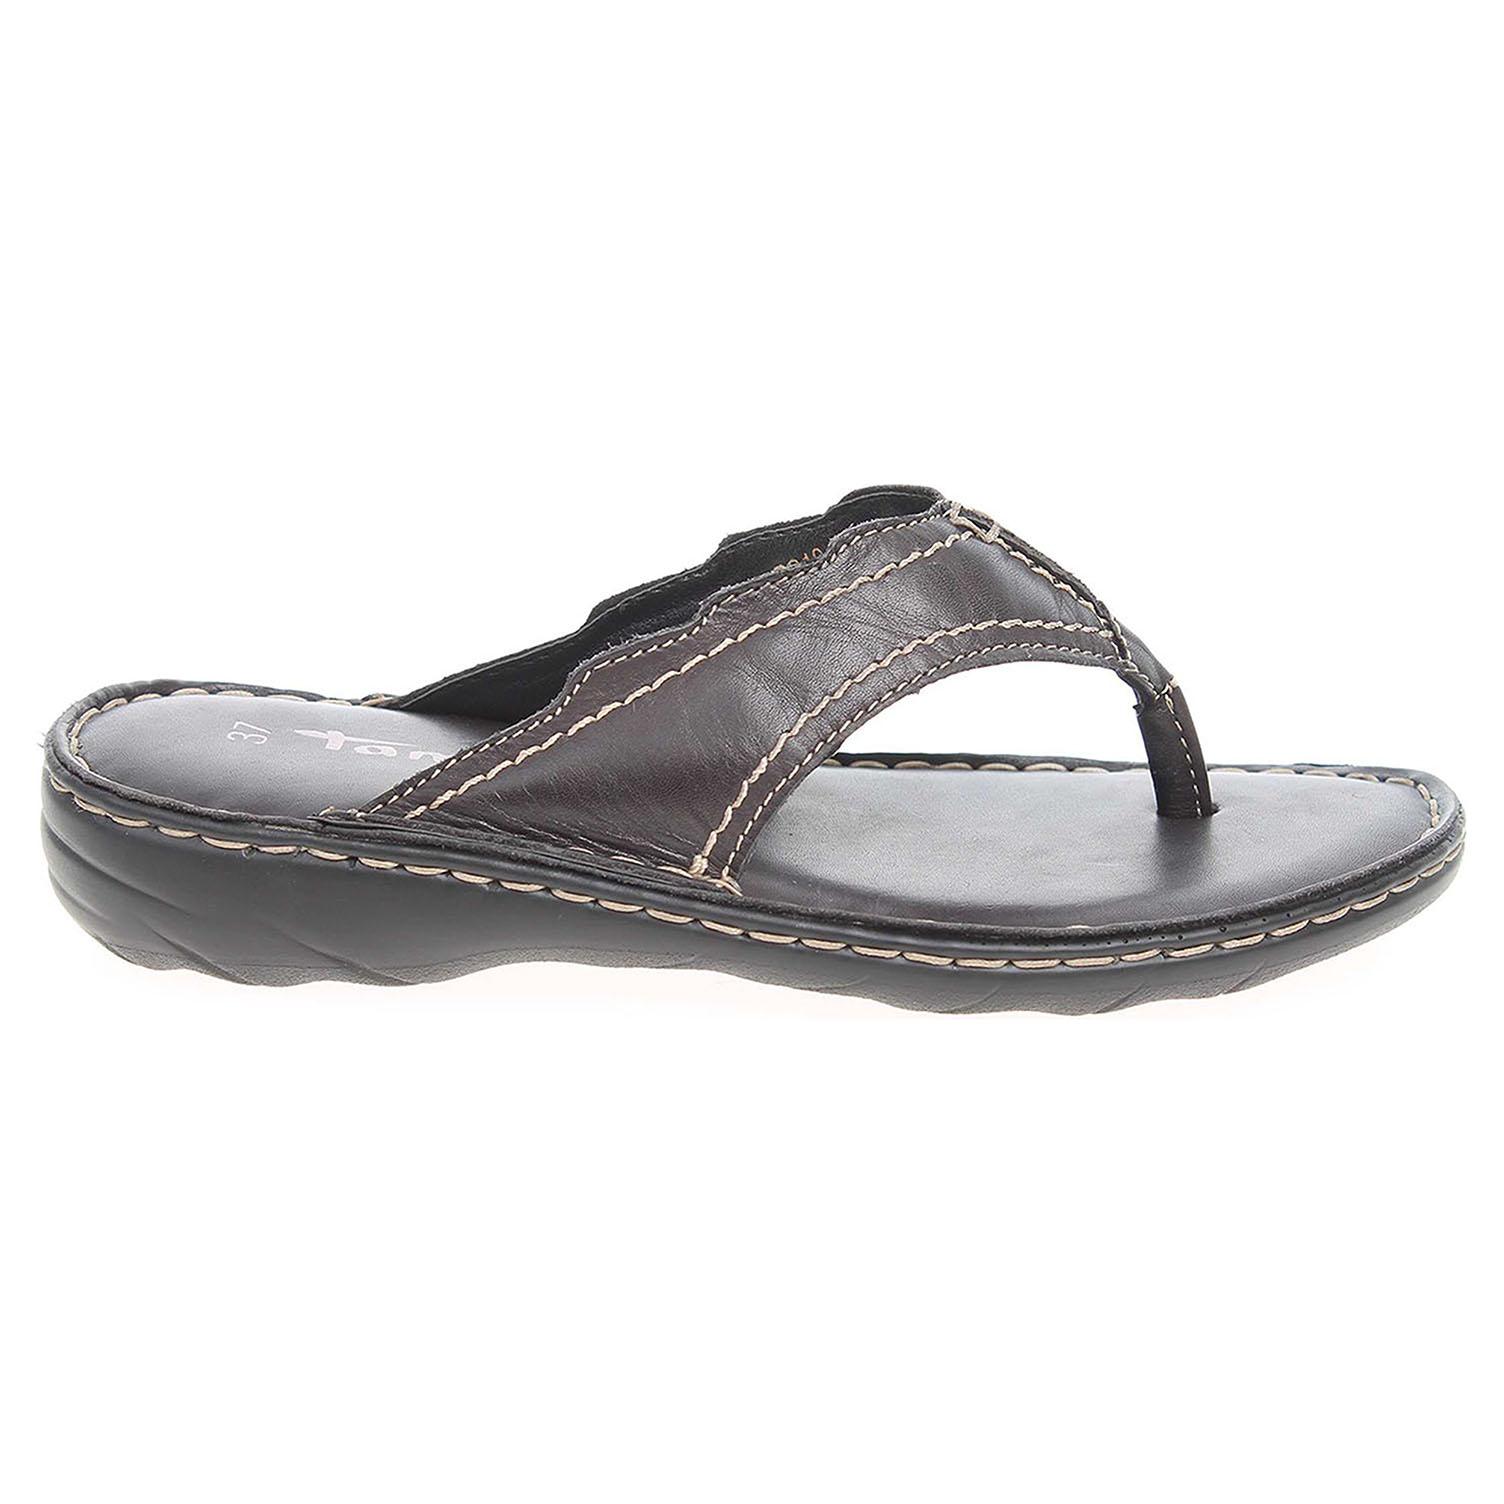 Ecco Tamaris dámské pantofle 1-27210-28 černé 23600785